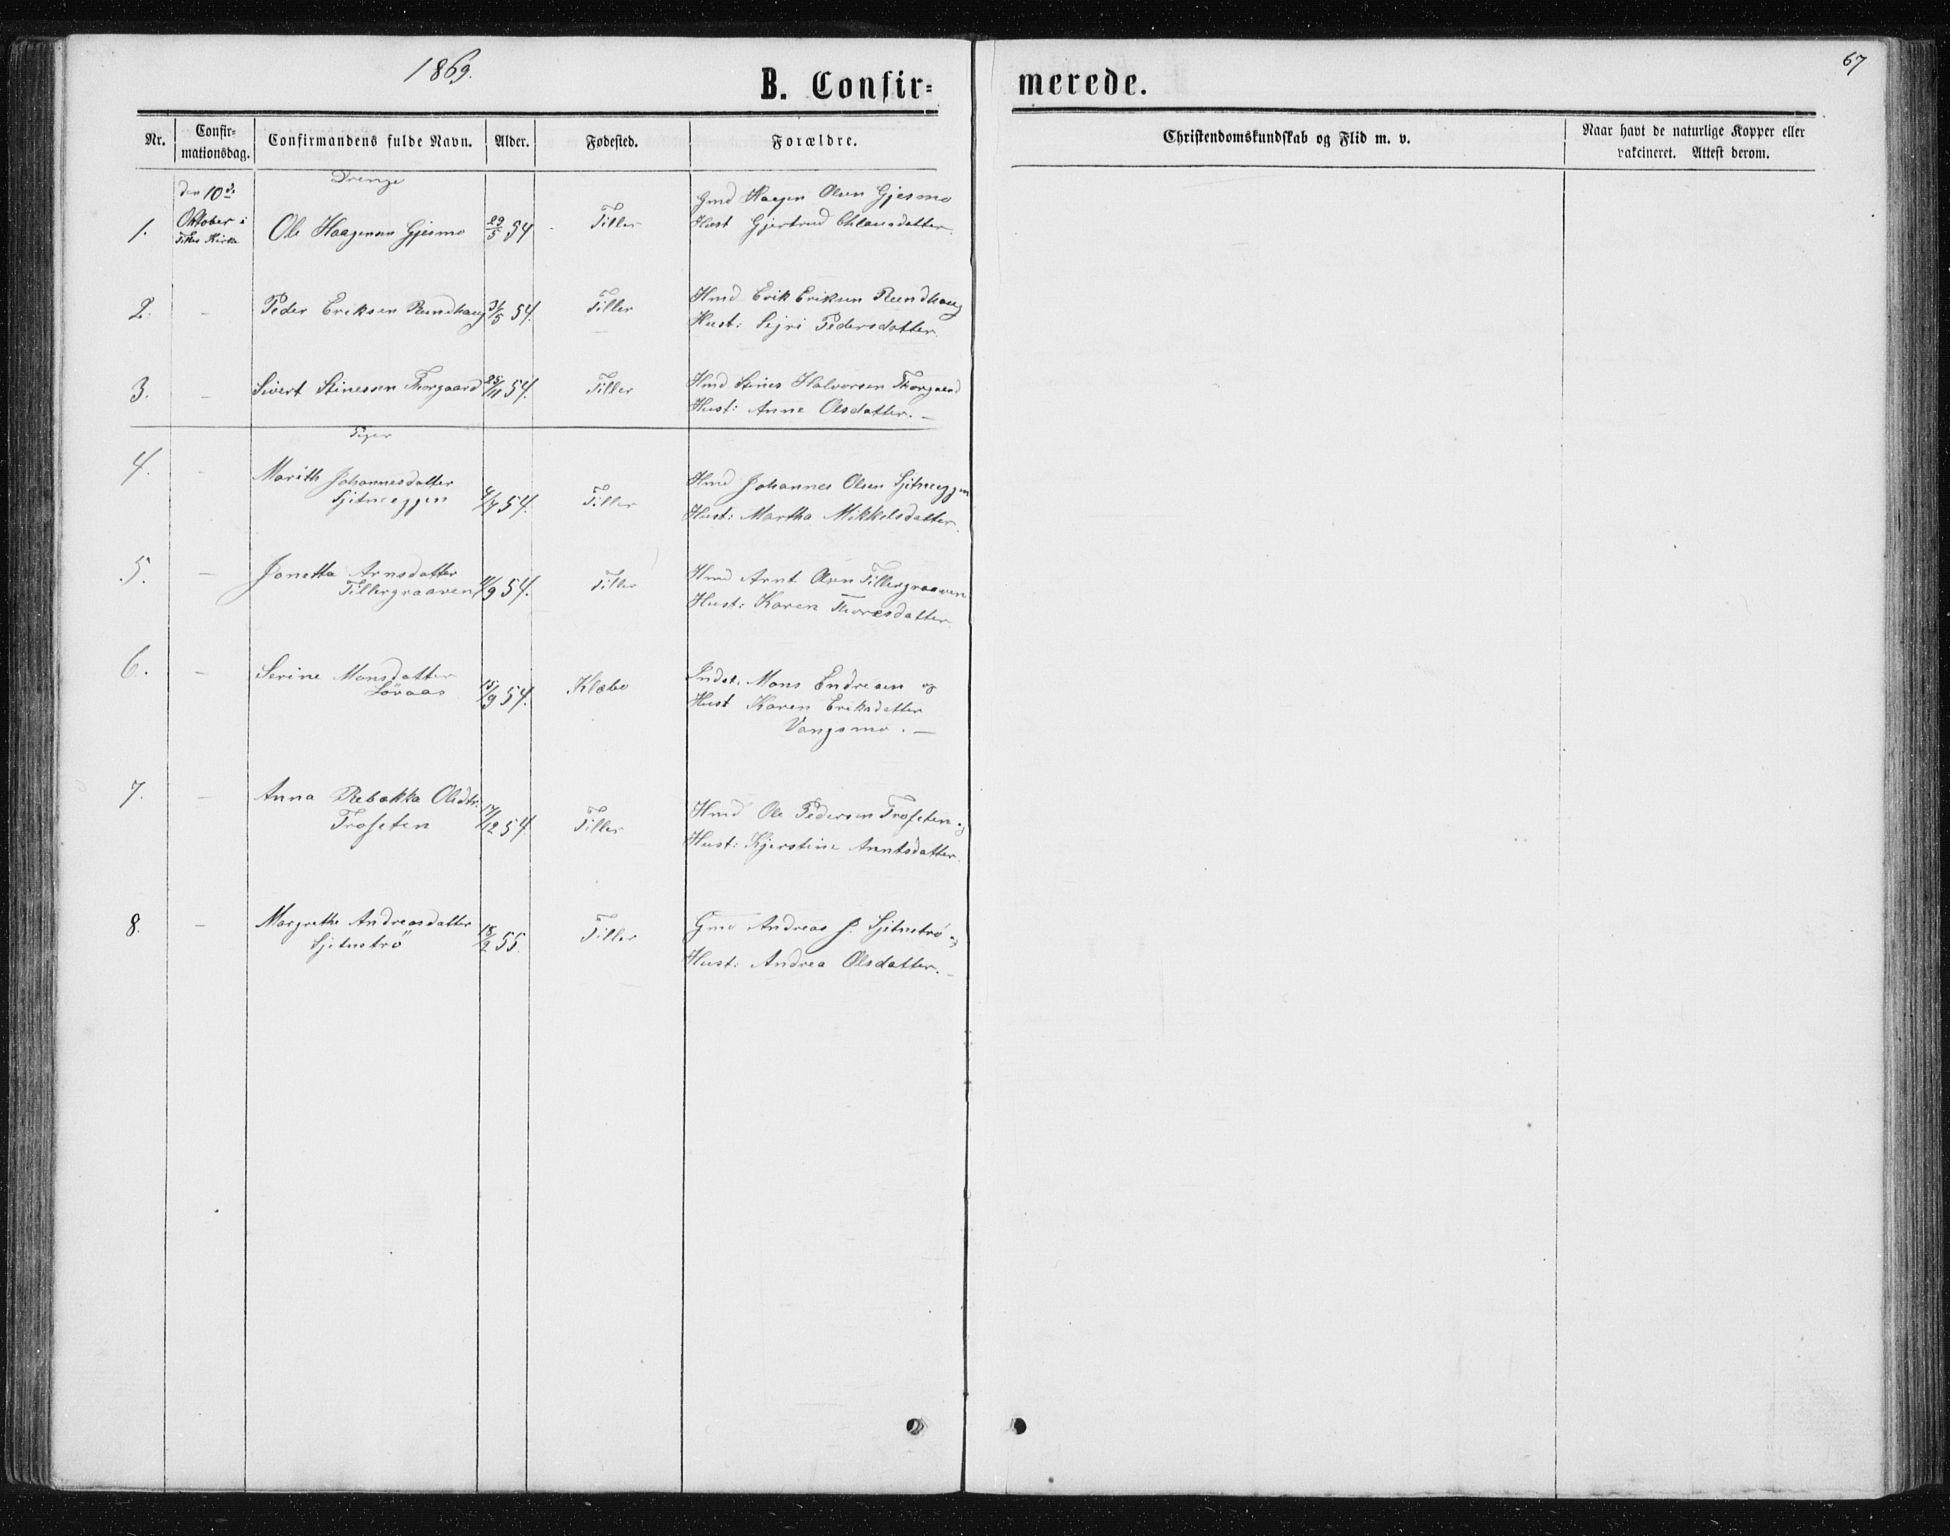 SAT, Ministerialprotokoller, klokkerbøker og fødselsregistre - Sør-Trøndelag, 621/L0459: Klokkerbok nr. 621C02, 1866-1895, s. 67